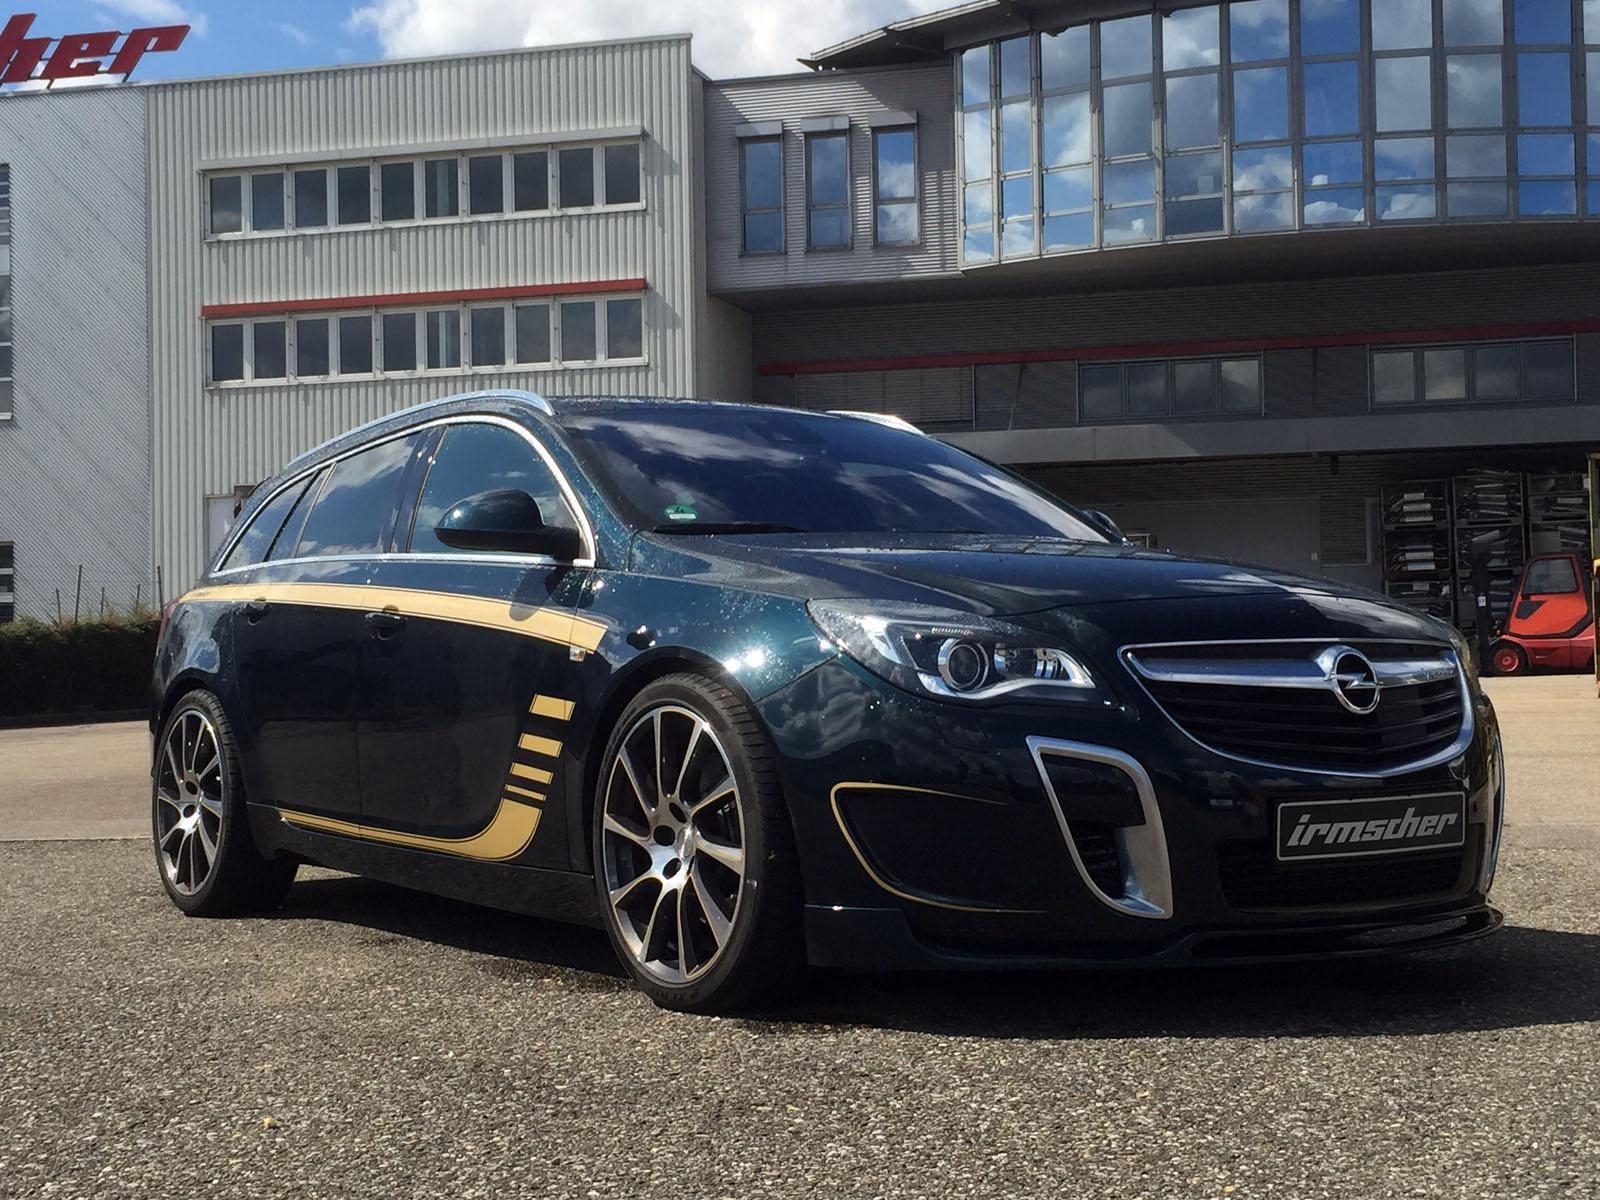 Opel Insignia Opc Sport Tourer By Irmscher Opel Kombi Autos Bmw 1er